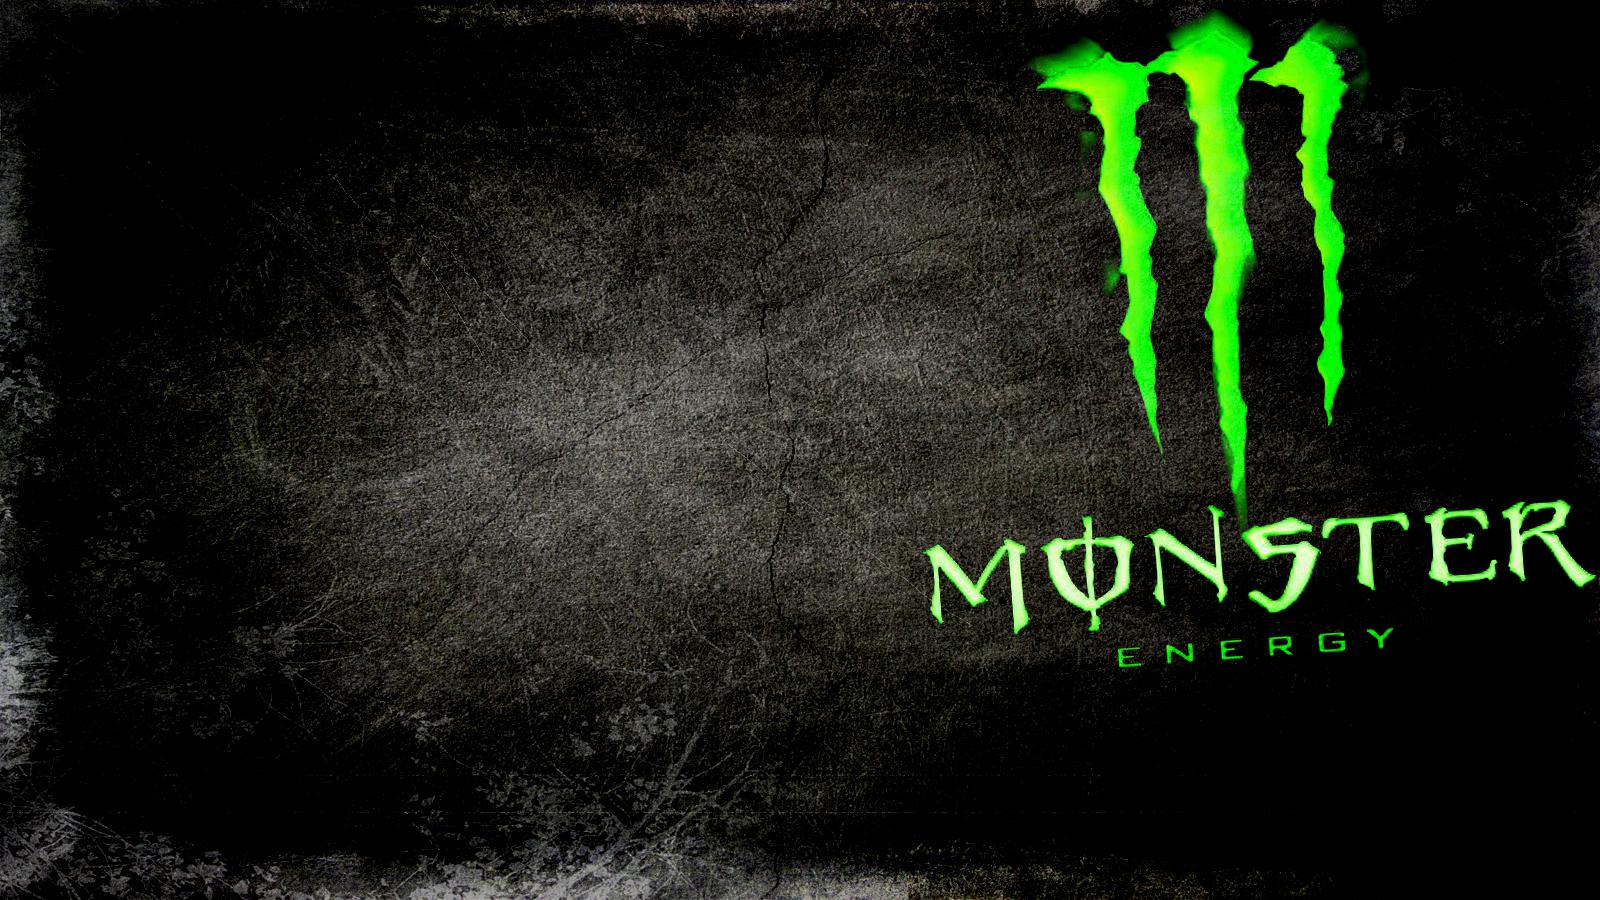 Monster Energy Una bebida que todos debemos conocer   Taringa 1600x900